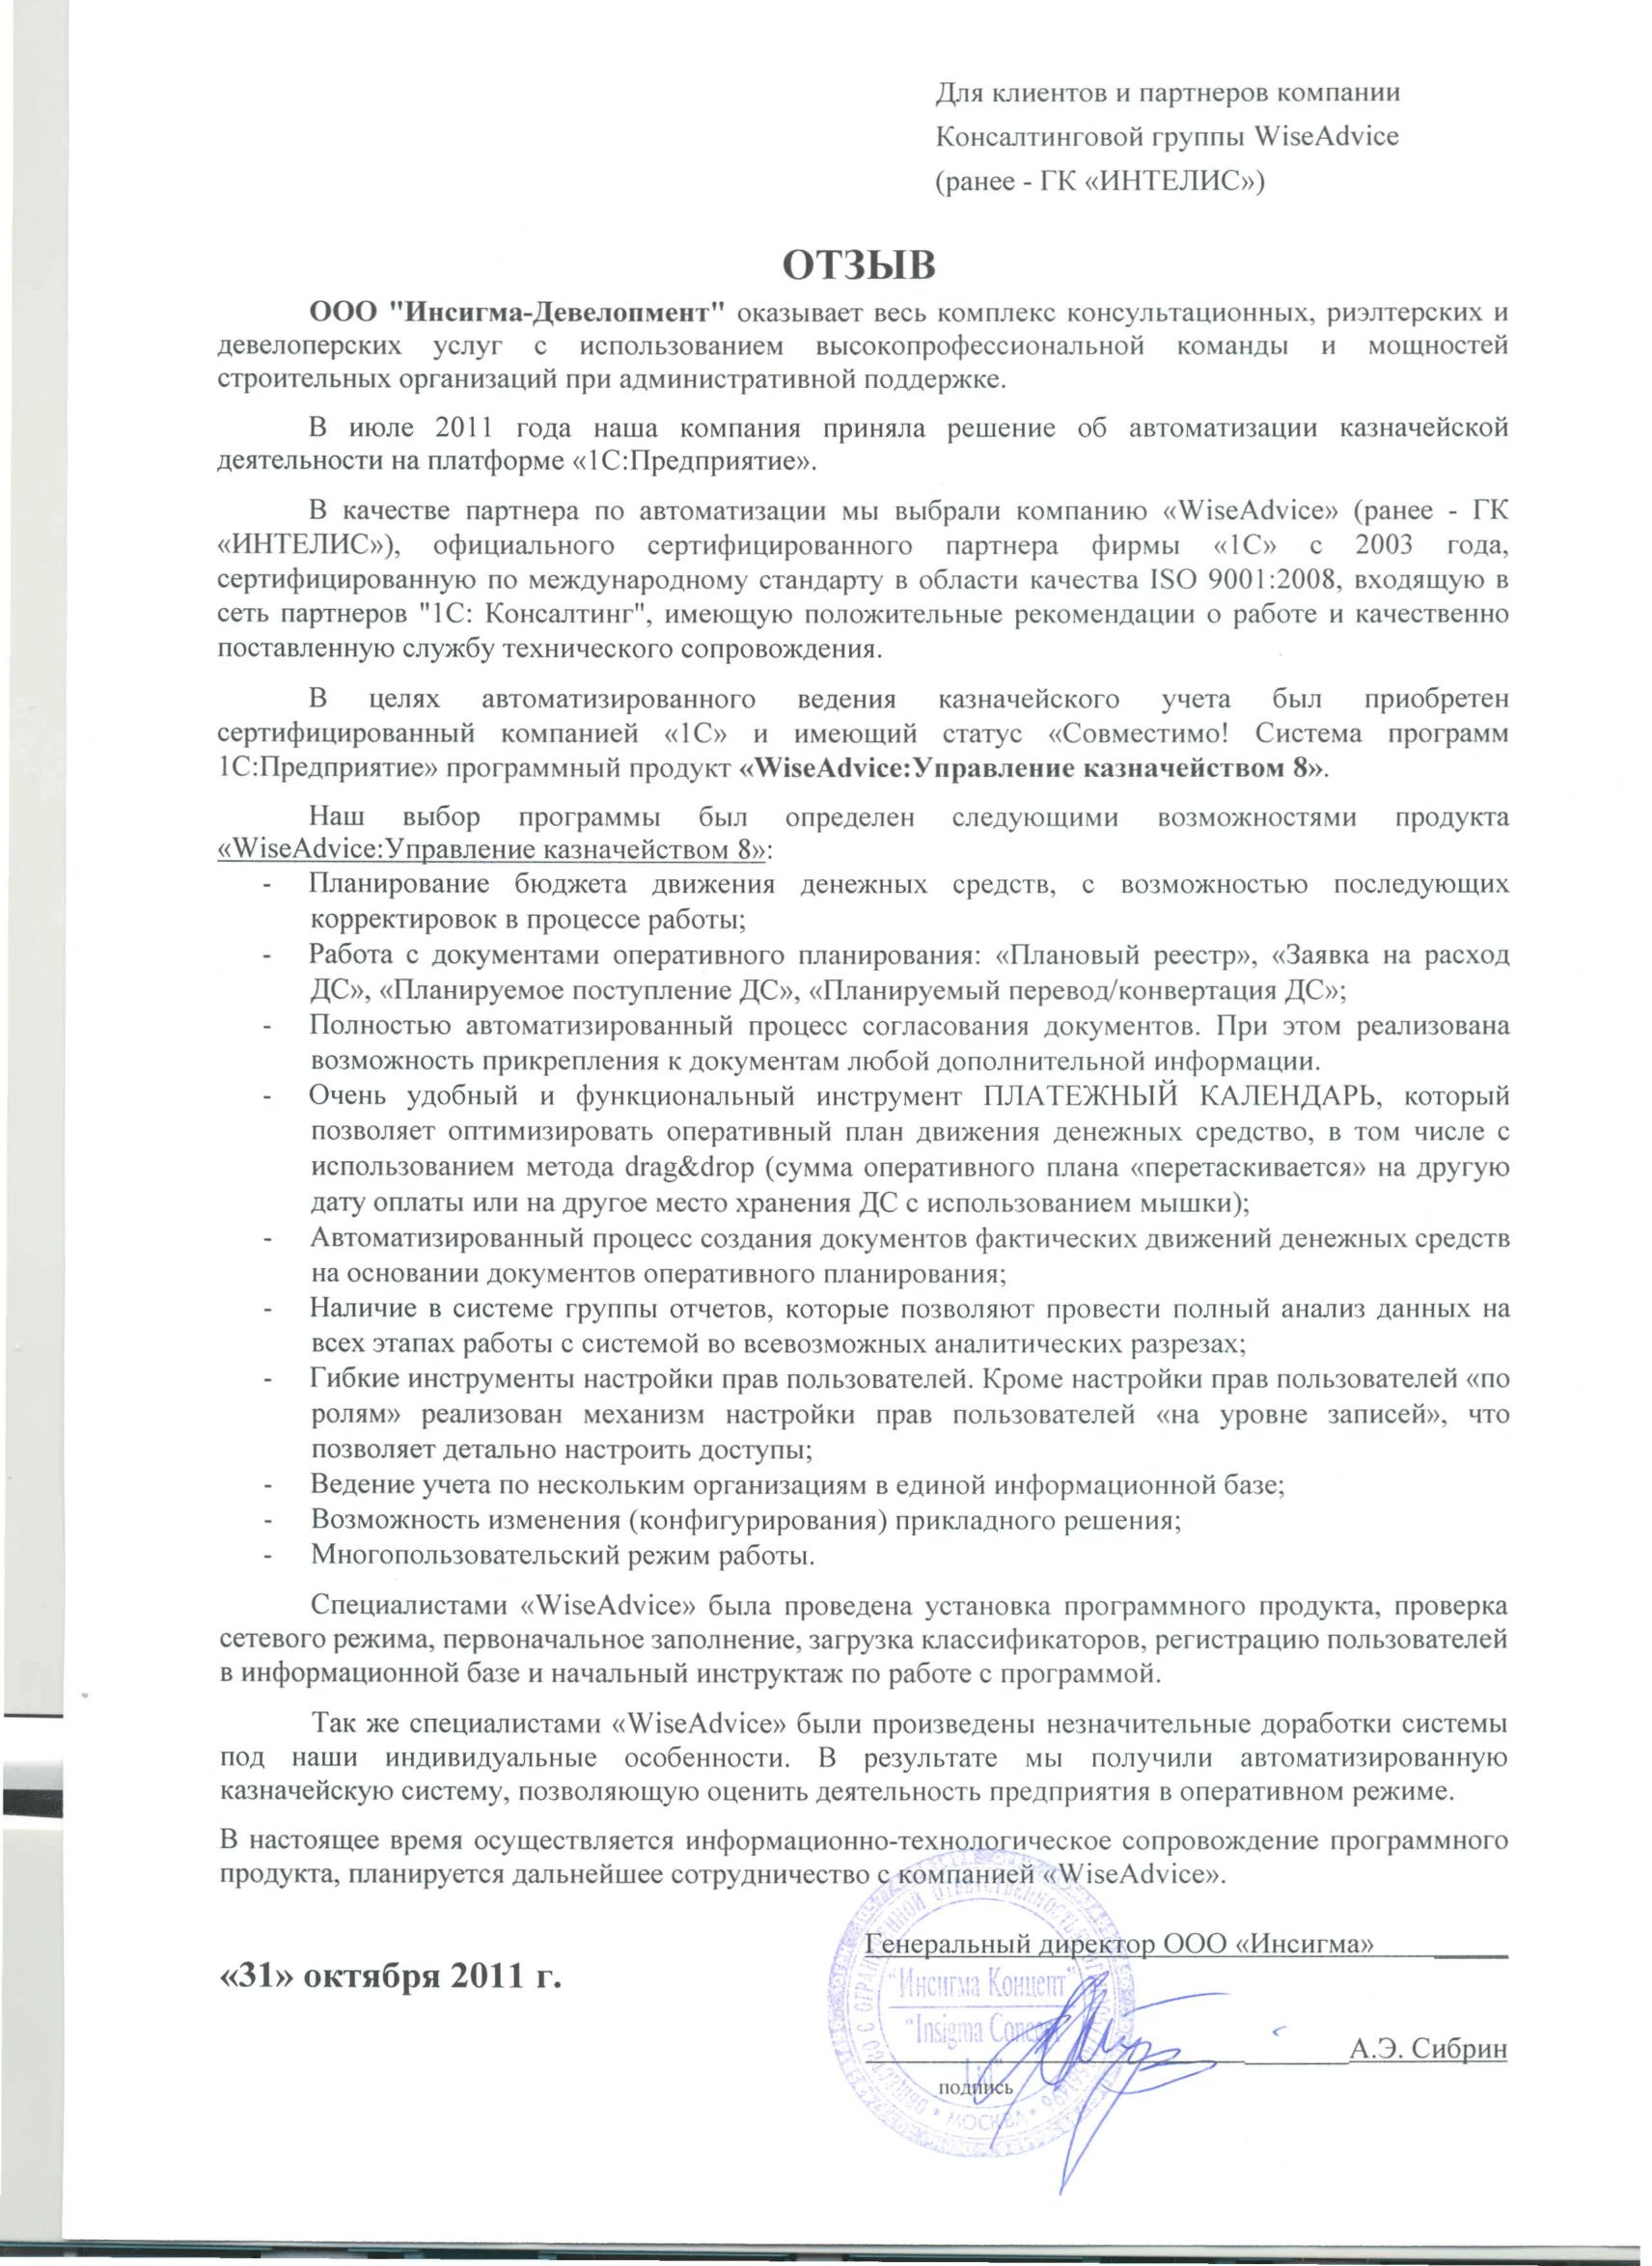 Инсигма-Девелопмент отзыв